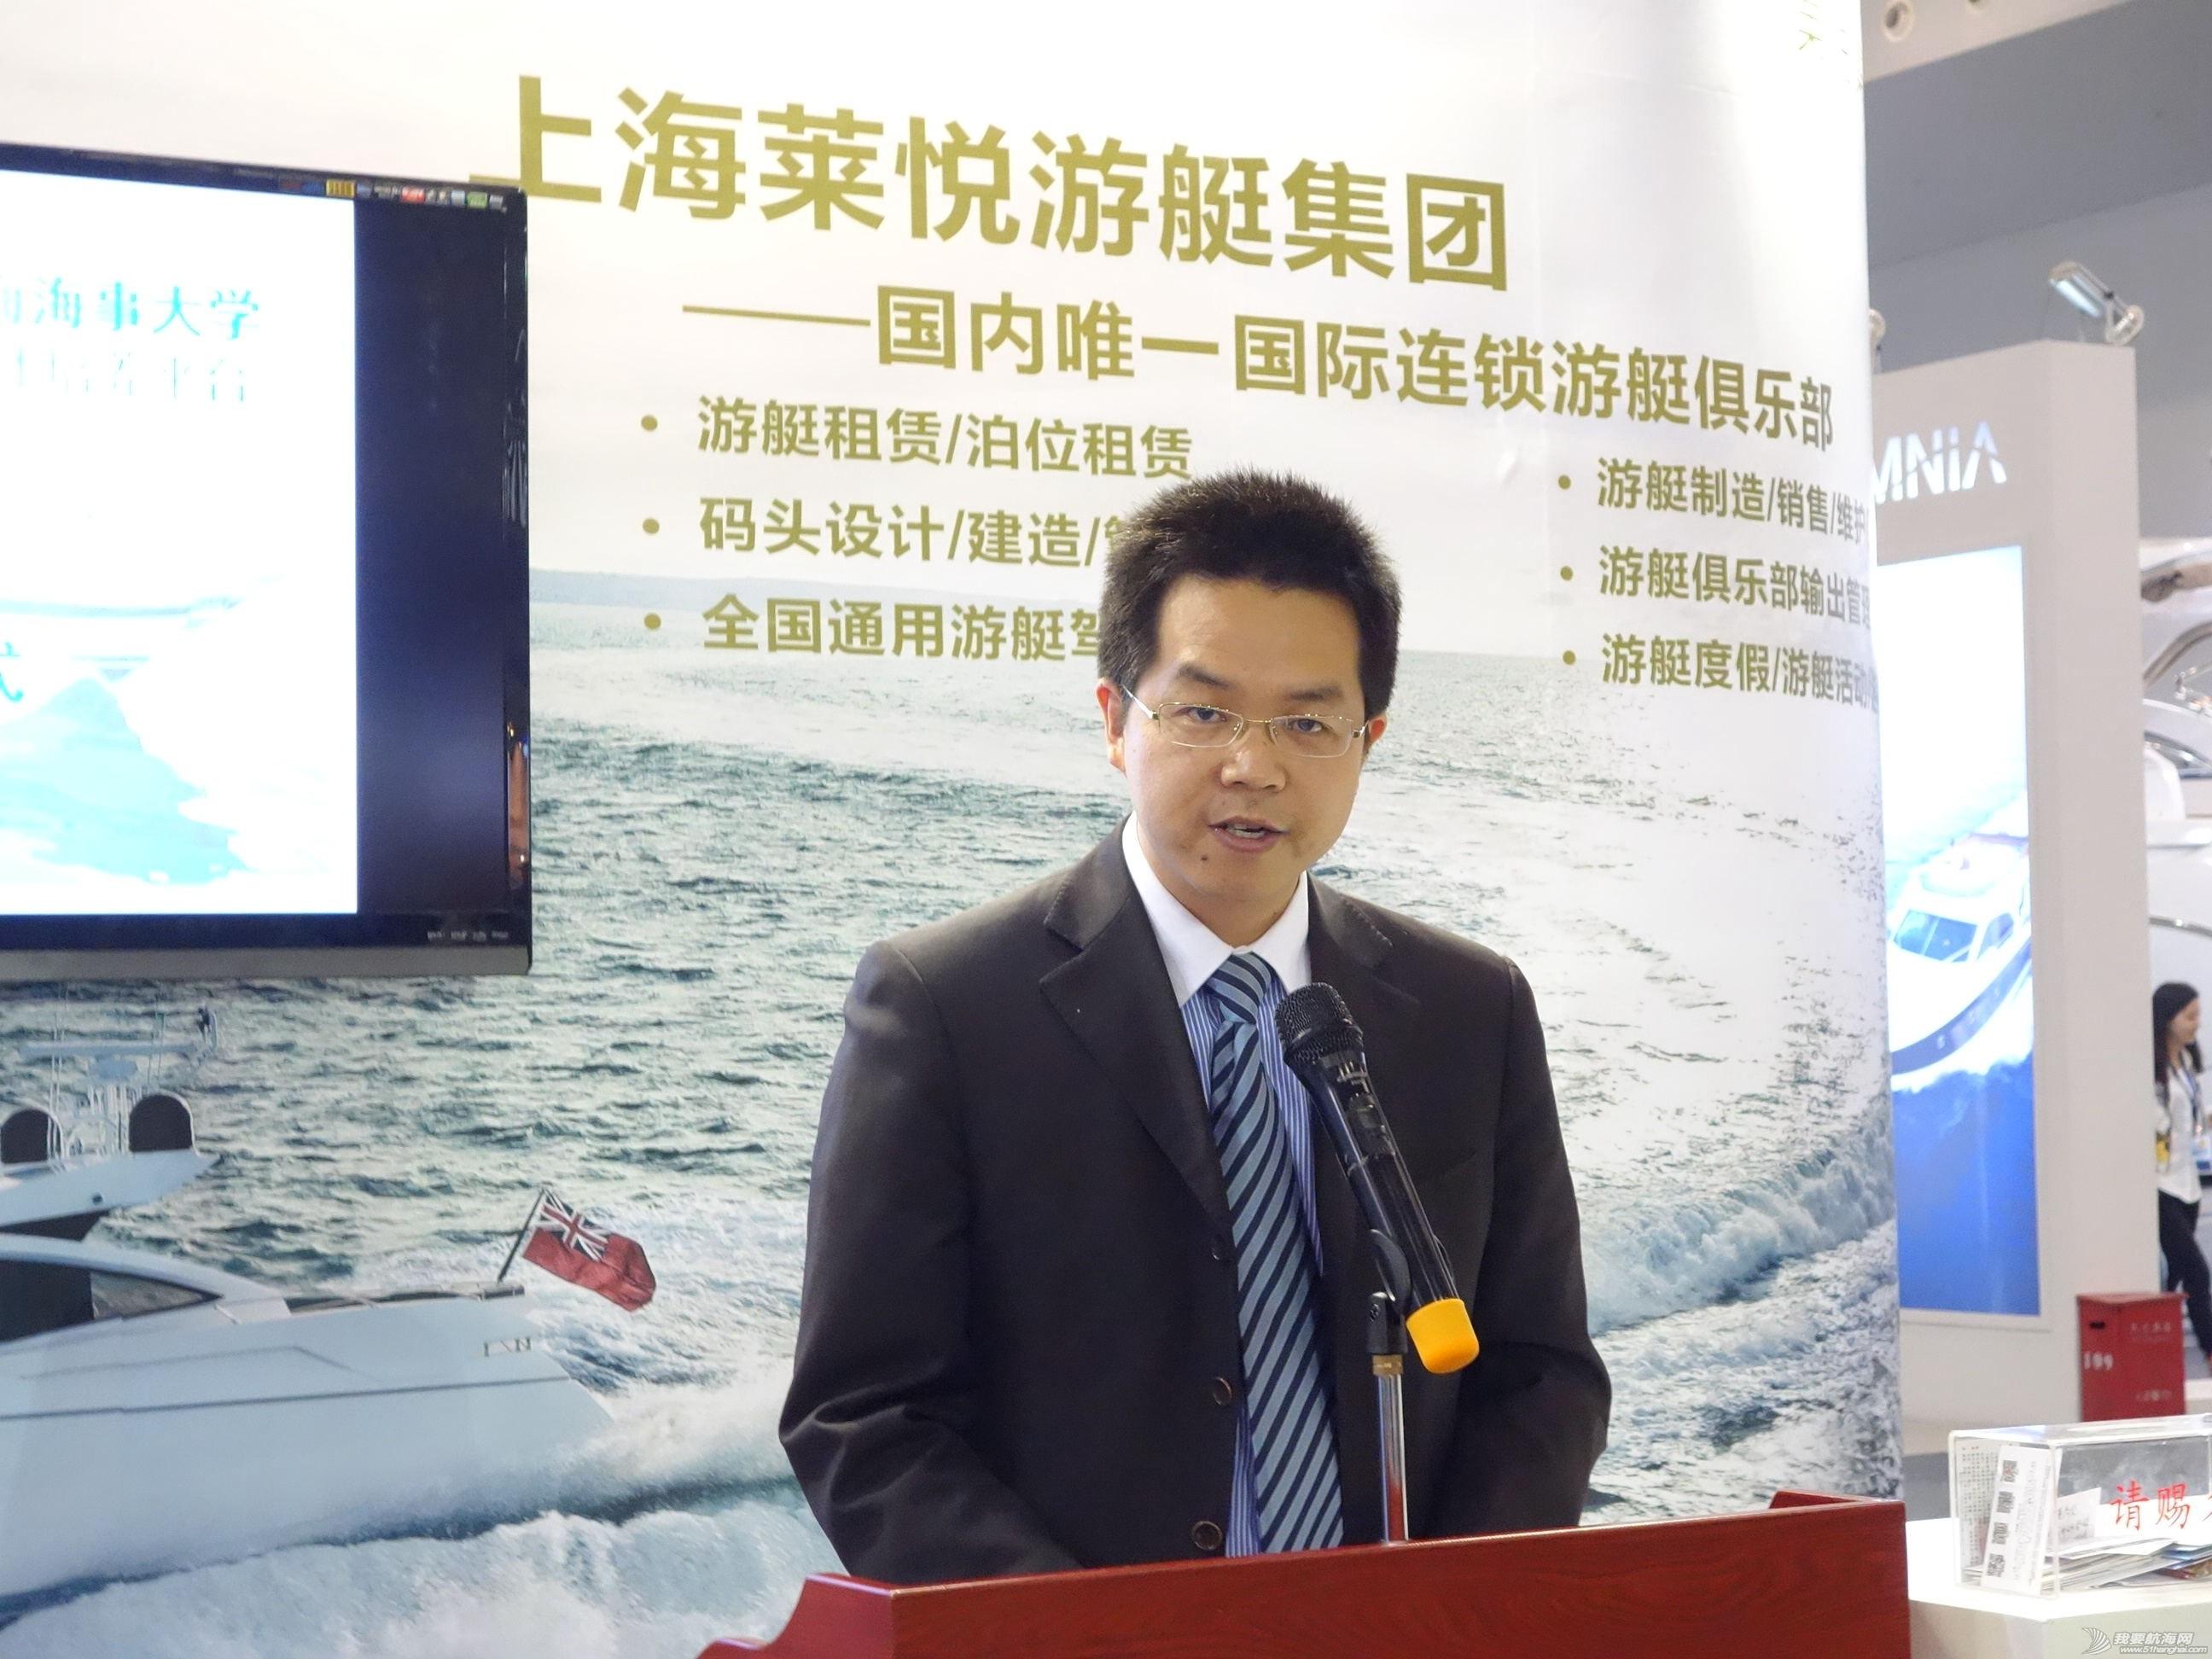 莱悦游艇集团与上海海事大学共建游艇行业专业人才培养平台 5.jpg